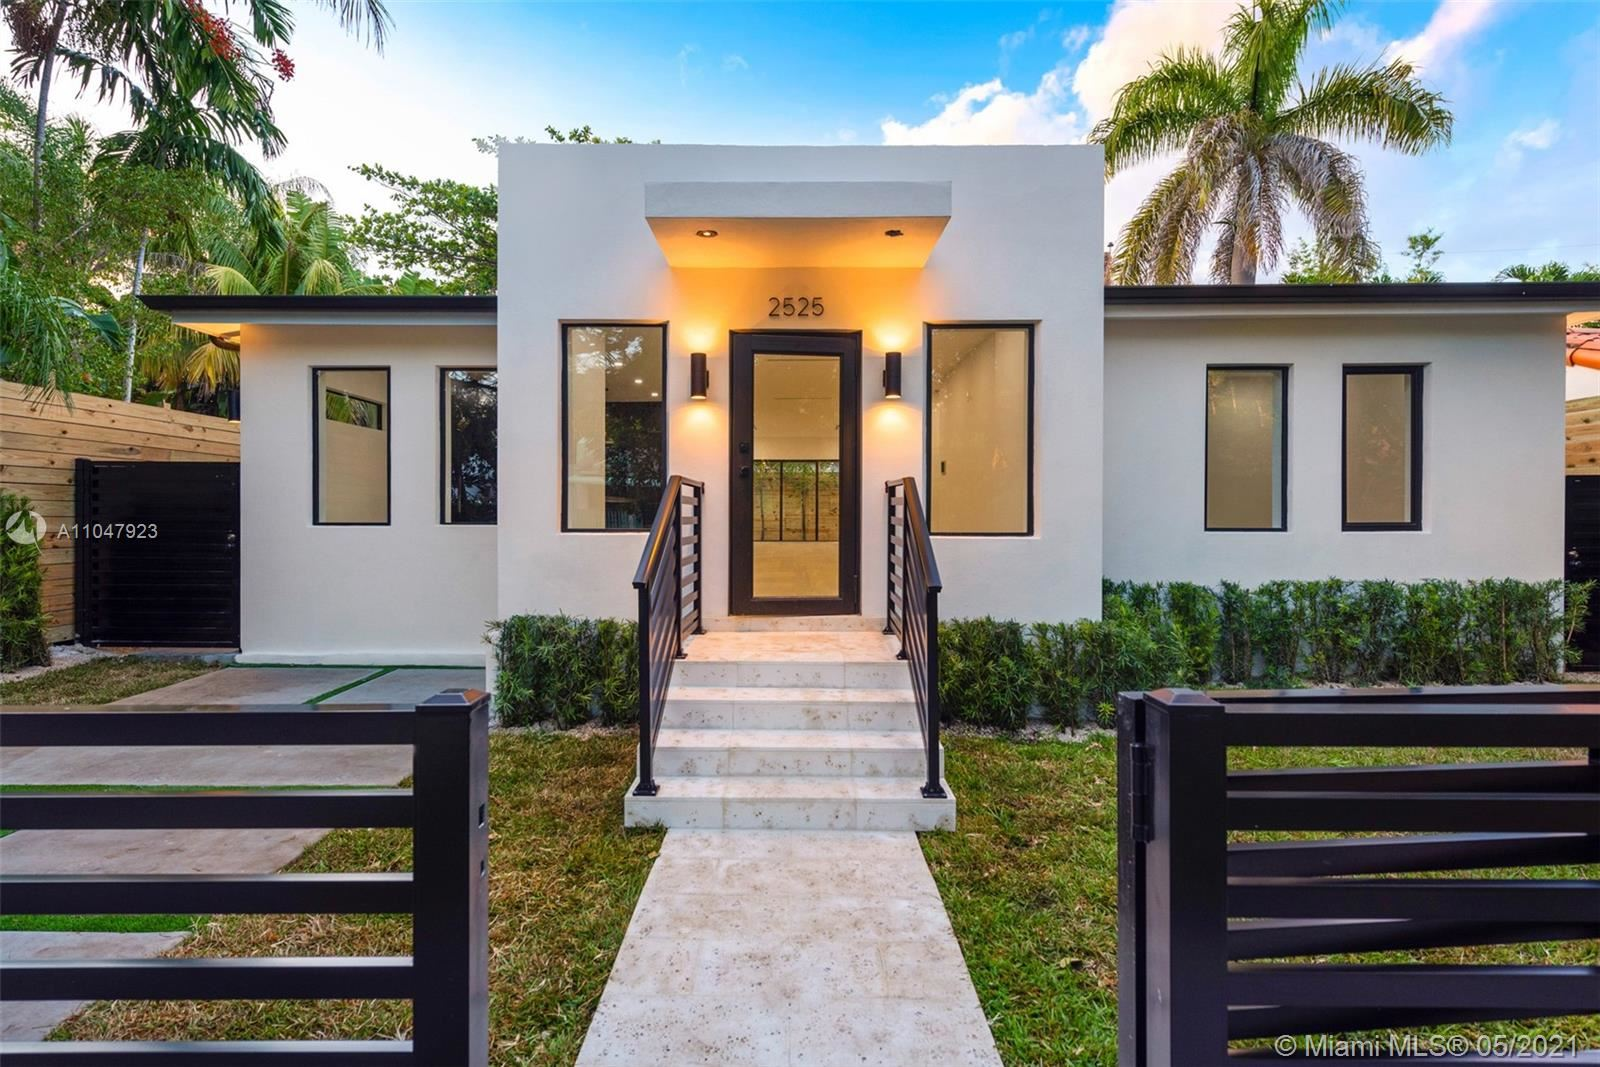 2525 Tequesta Ln, Miami, FL 33133 - #: A11047923